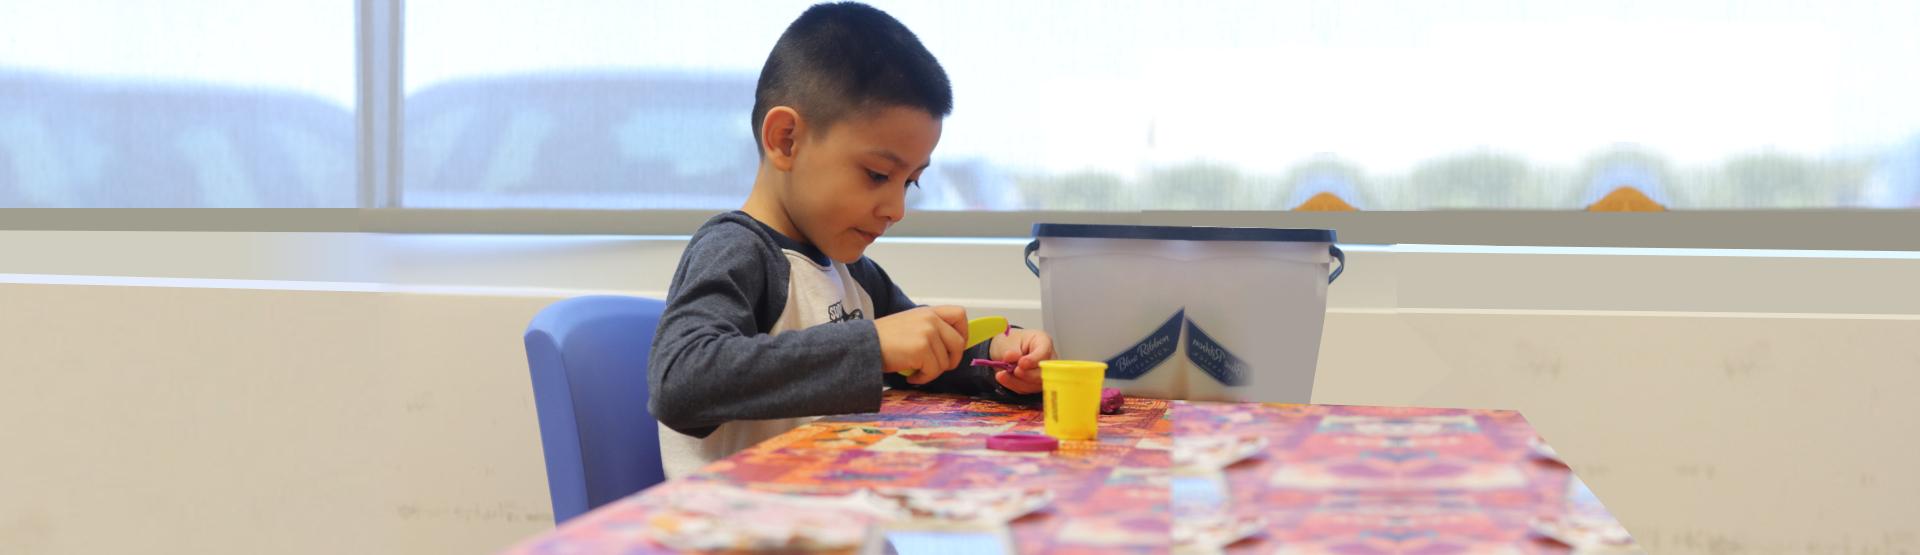 cute little boy doing his art activity